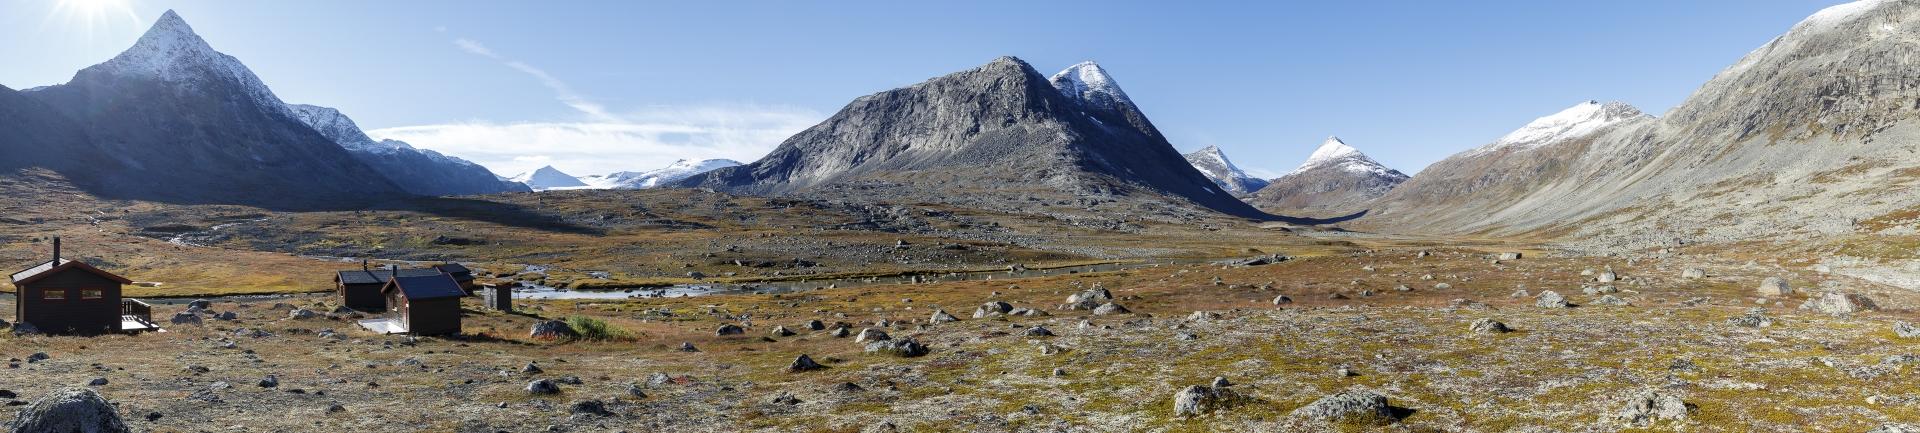 Hunddalshytta mit Ristačohkka, Storsteinsfjellet, Gahperčohkka, Storfjellet, Vomtinden